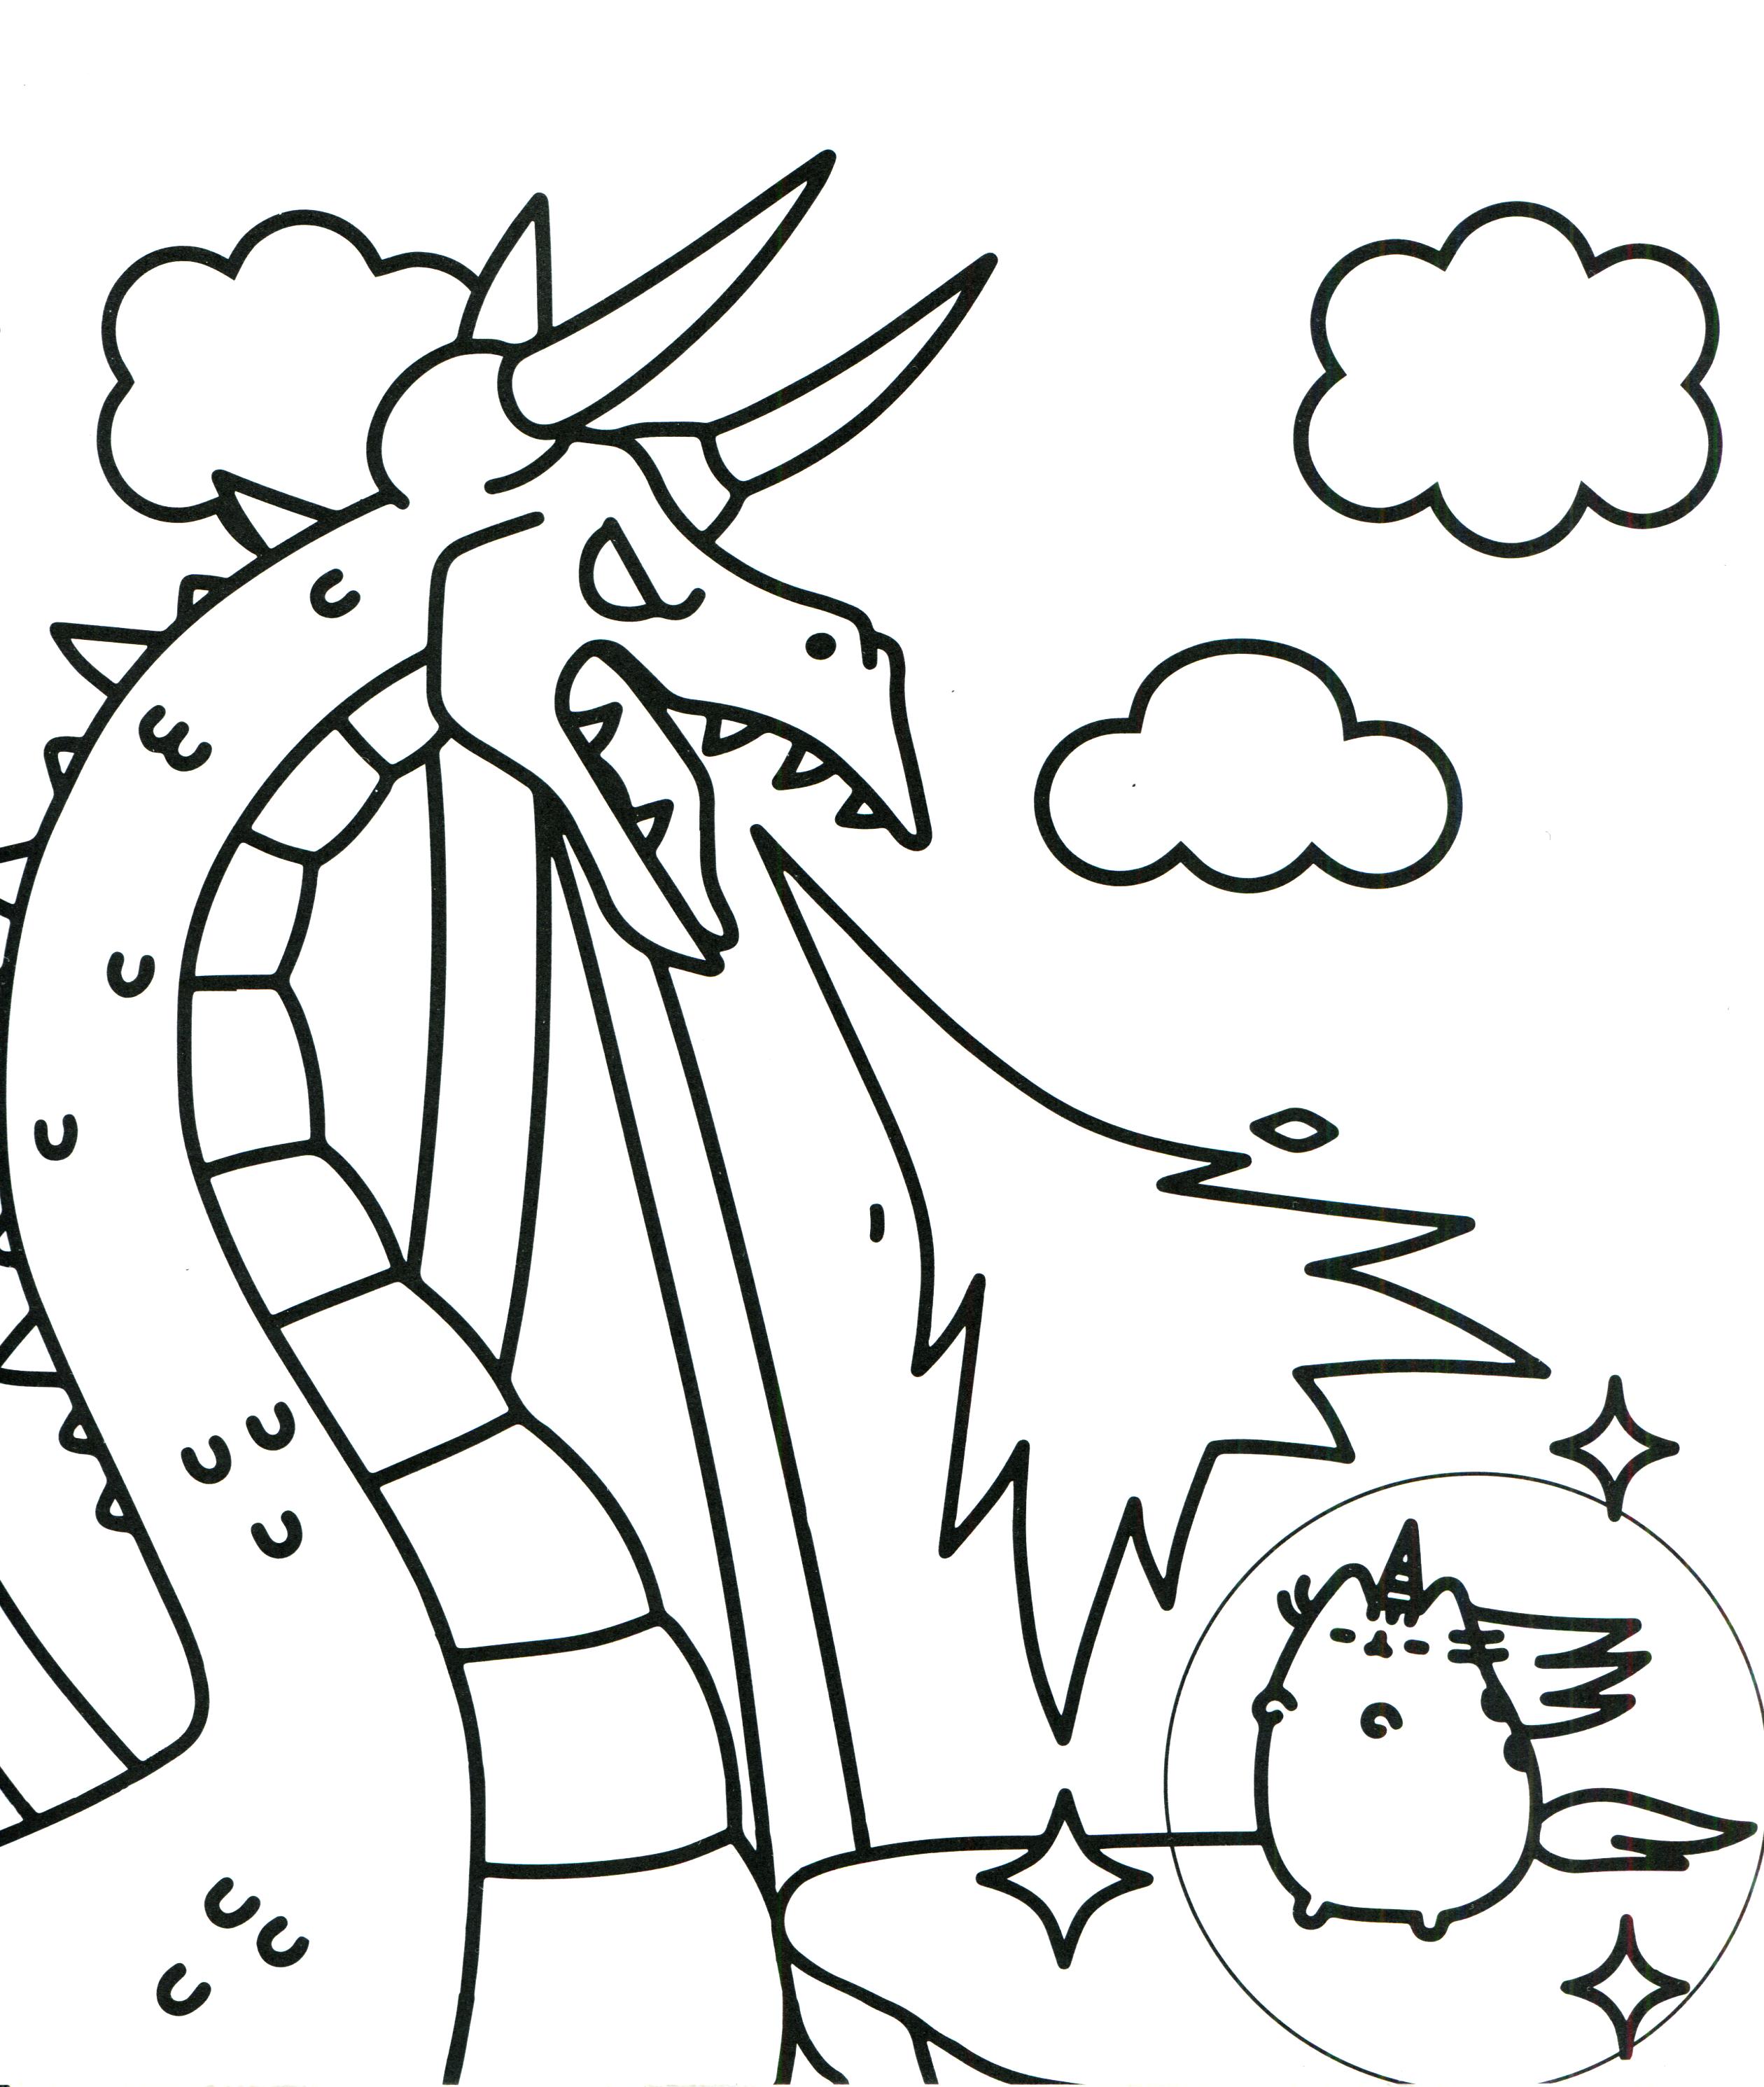 Pusheen Coloring Book Pusheen Pusheen The Cat Unicorn Coloring Pages Pusheen Coloring Pages Cat Coloring Page